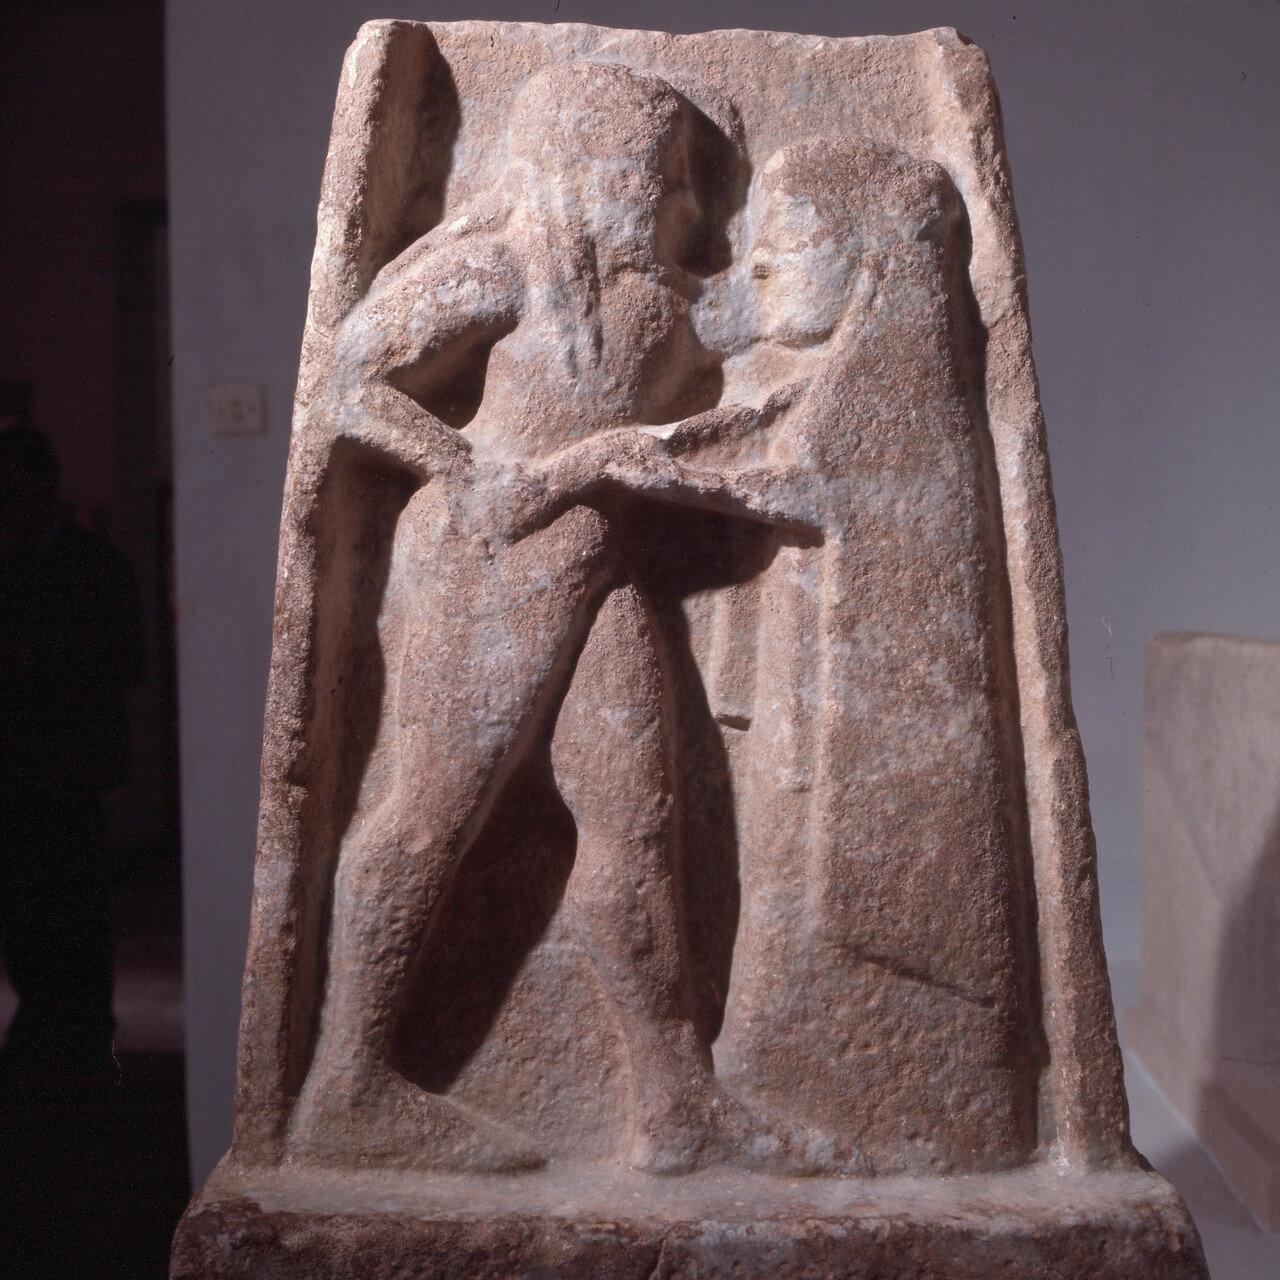 Спарта. Археологический музей. Стела с Менелаем и Еленой. VI  в. до н.э.